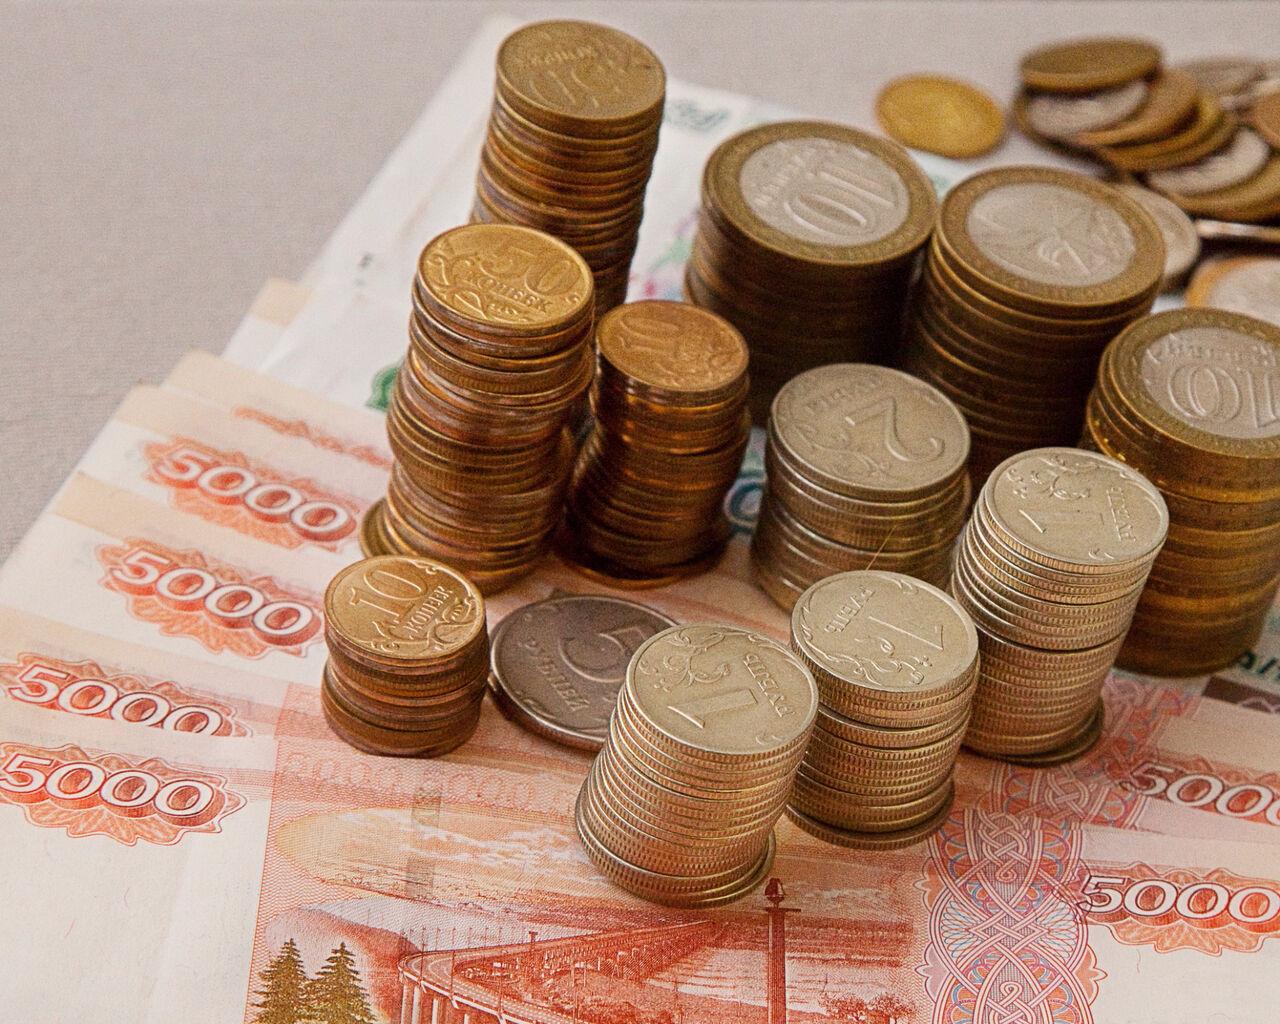 Каждый гражданин Башкирии, включая стариков идетей, должен банкам 67 тыс. руб.